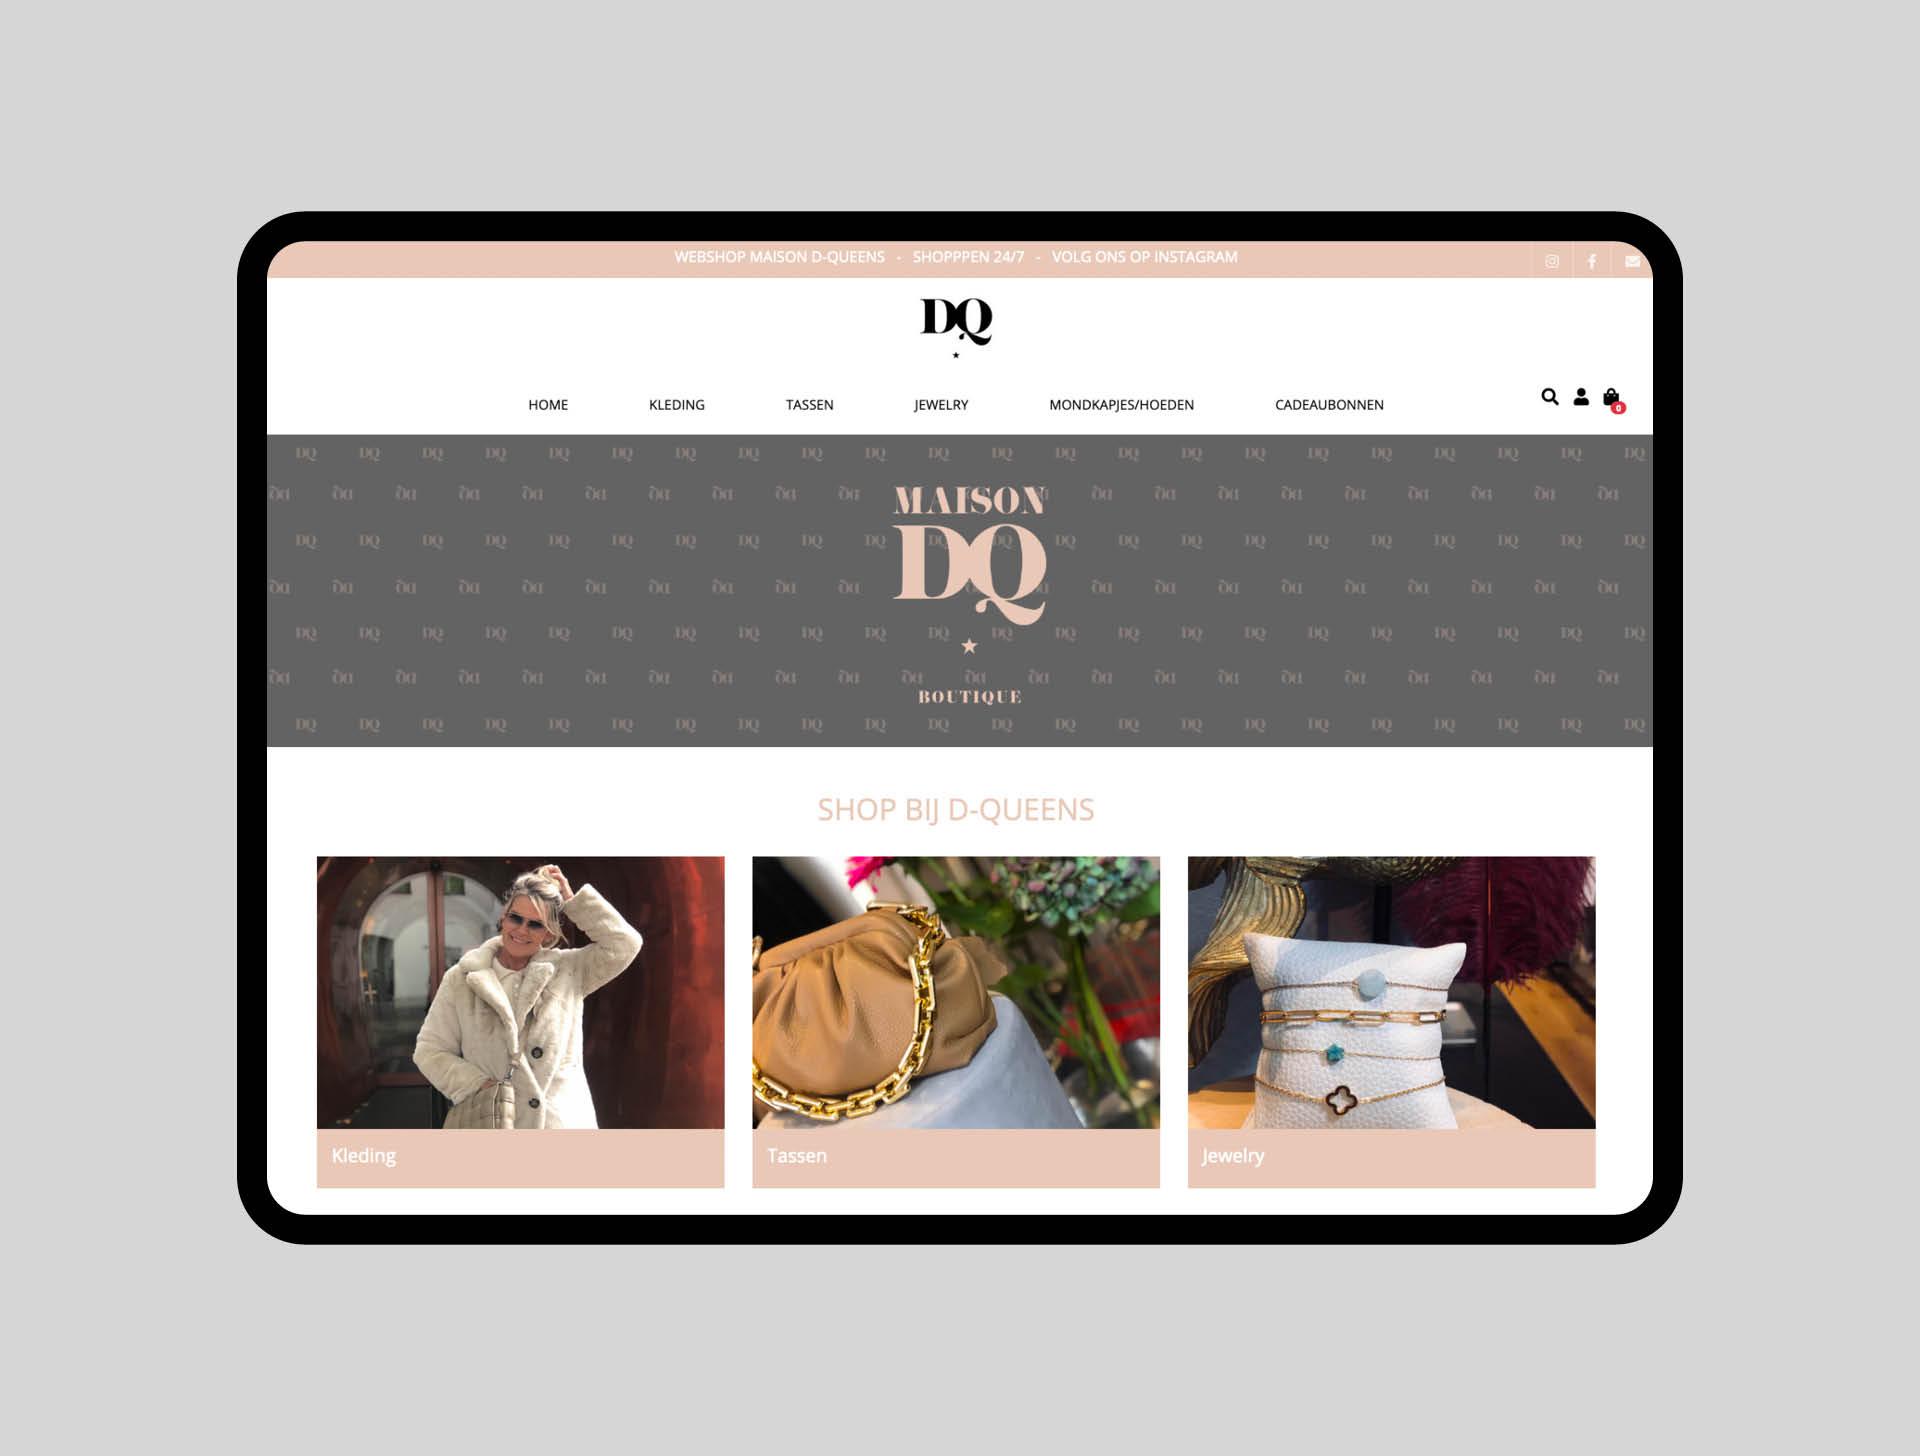 Maison DQ - webshop